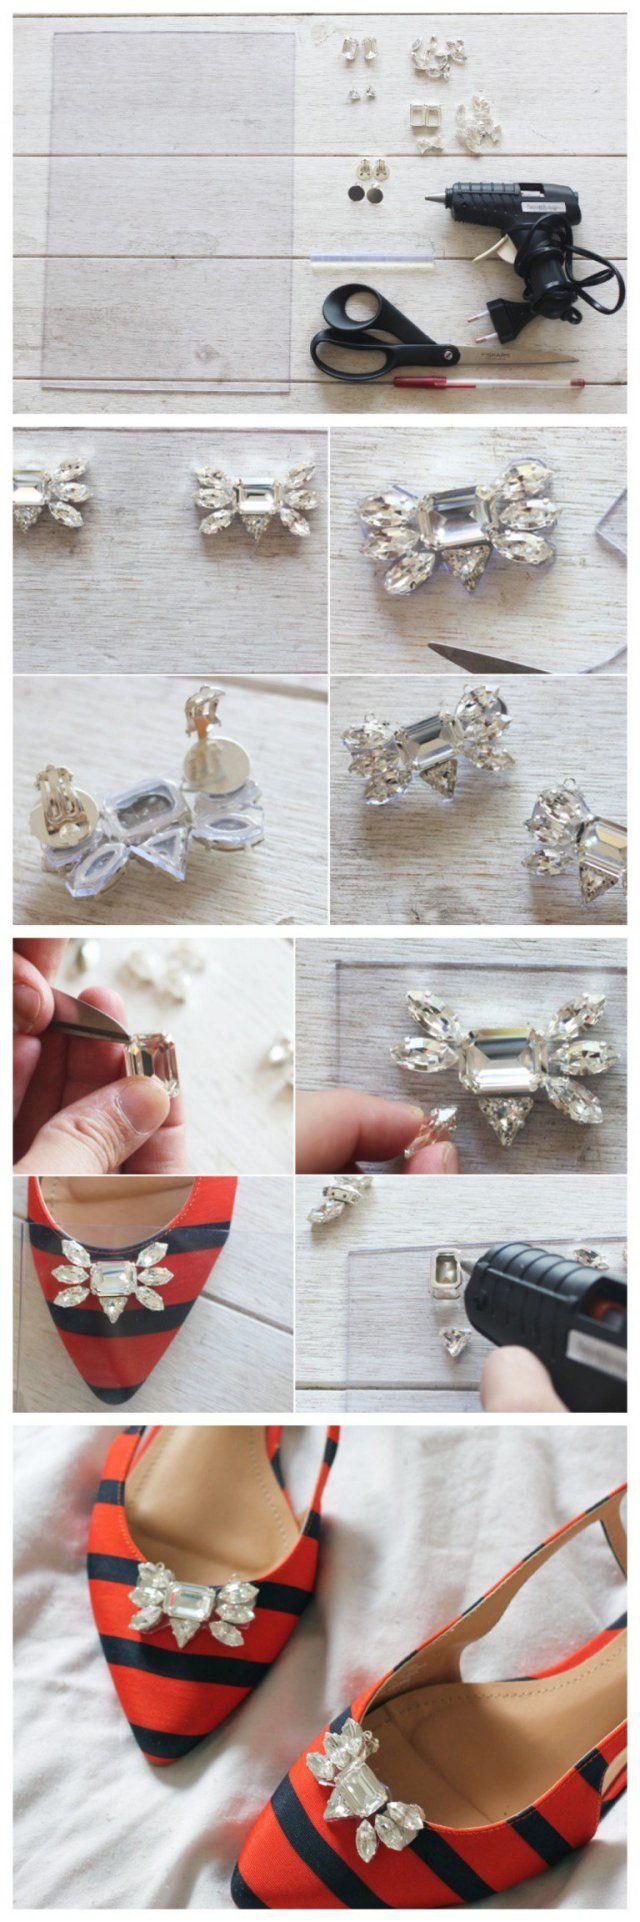 Shoe ornament clips - Diy Shoe Clip Ideas